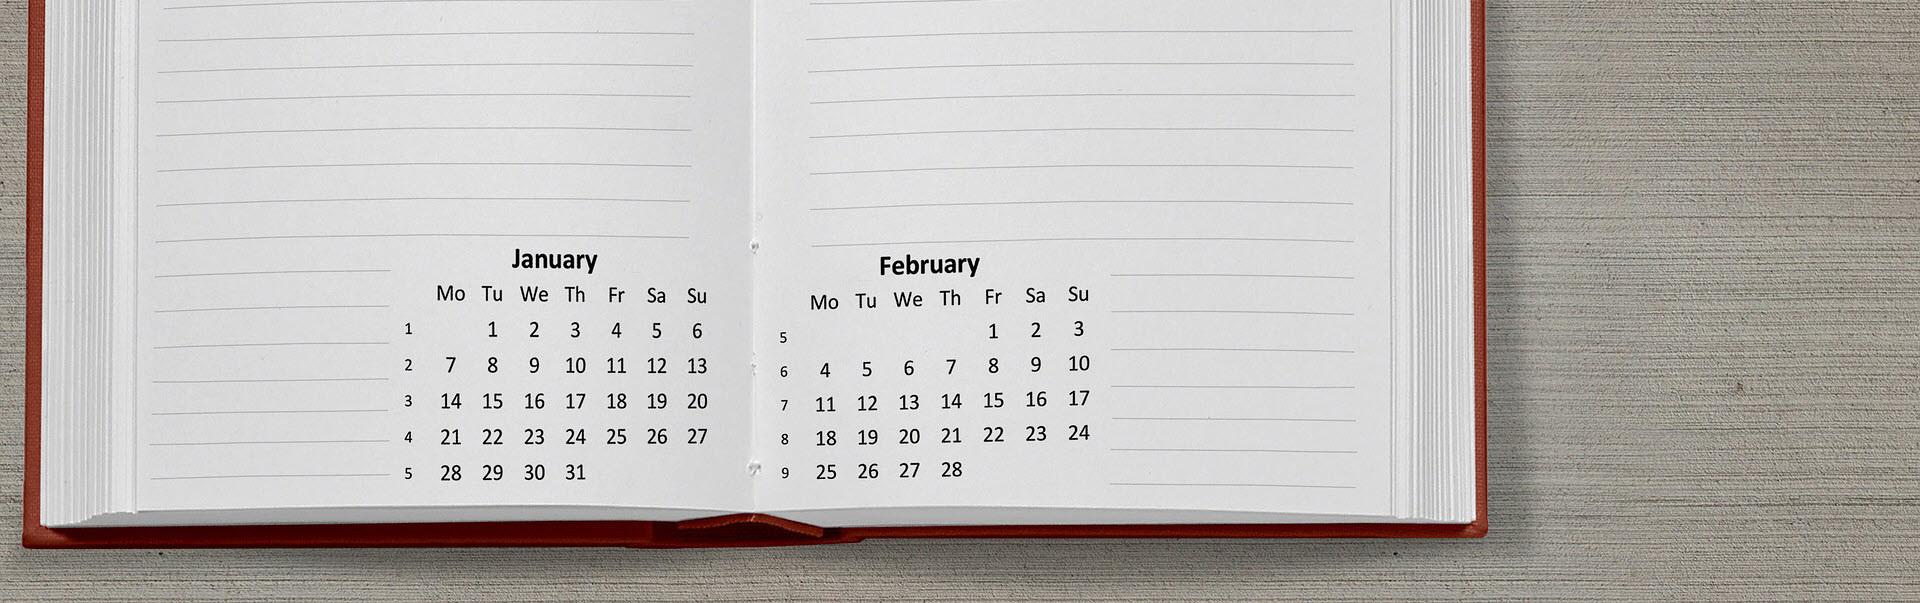 Agenda met 2 kalendermaanden er op